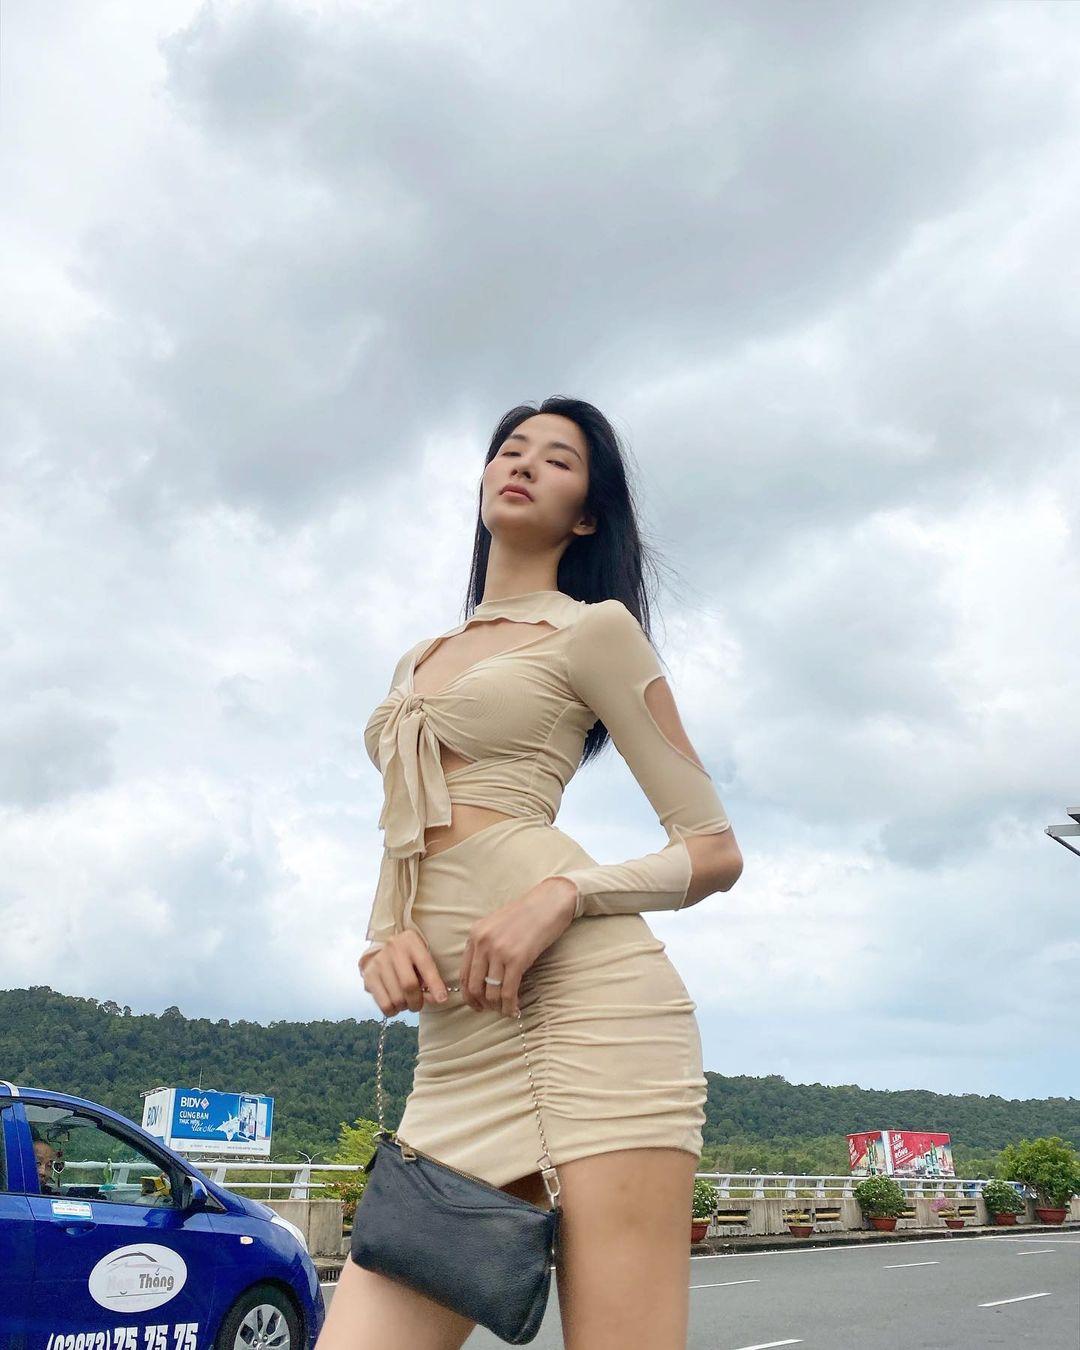 Đụng váy cut-out táo bạo: Hoàng Thuỳ khoe chân dài nhưng Chi Pu mới chiếm sóng nhờ body chuẩn như chai Coca - Ảnh 4.